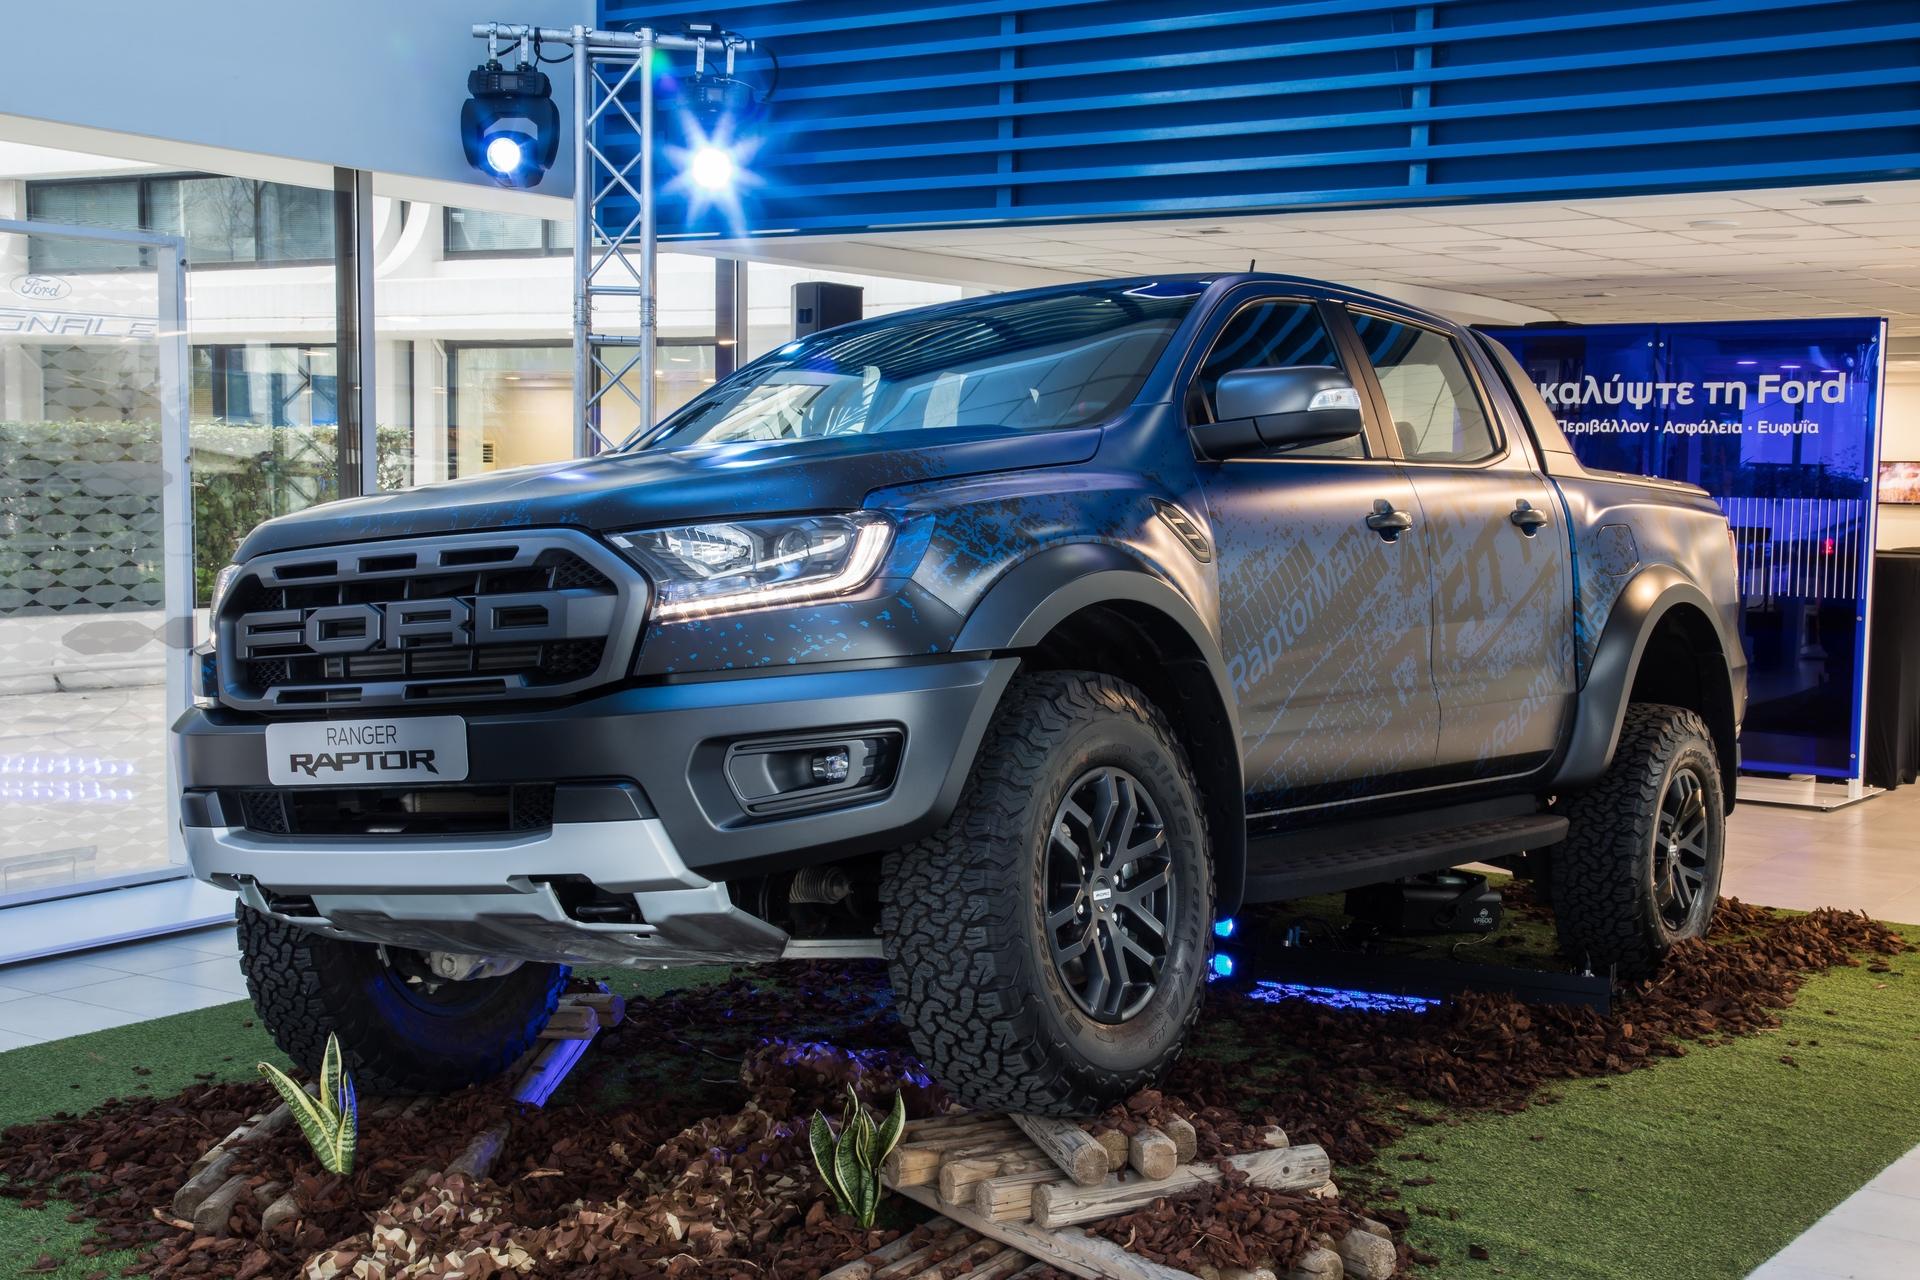 Ford_Ranger_Raptor_greek_resentation_0005